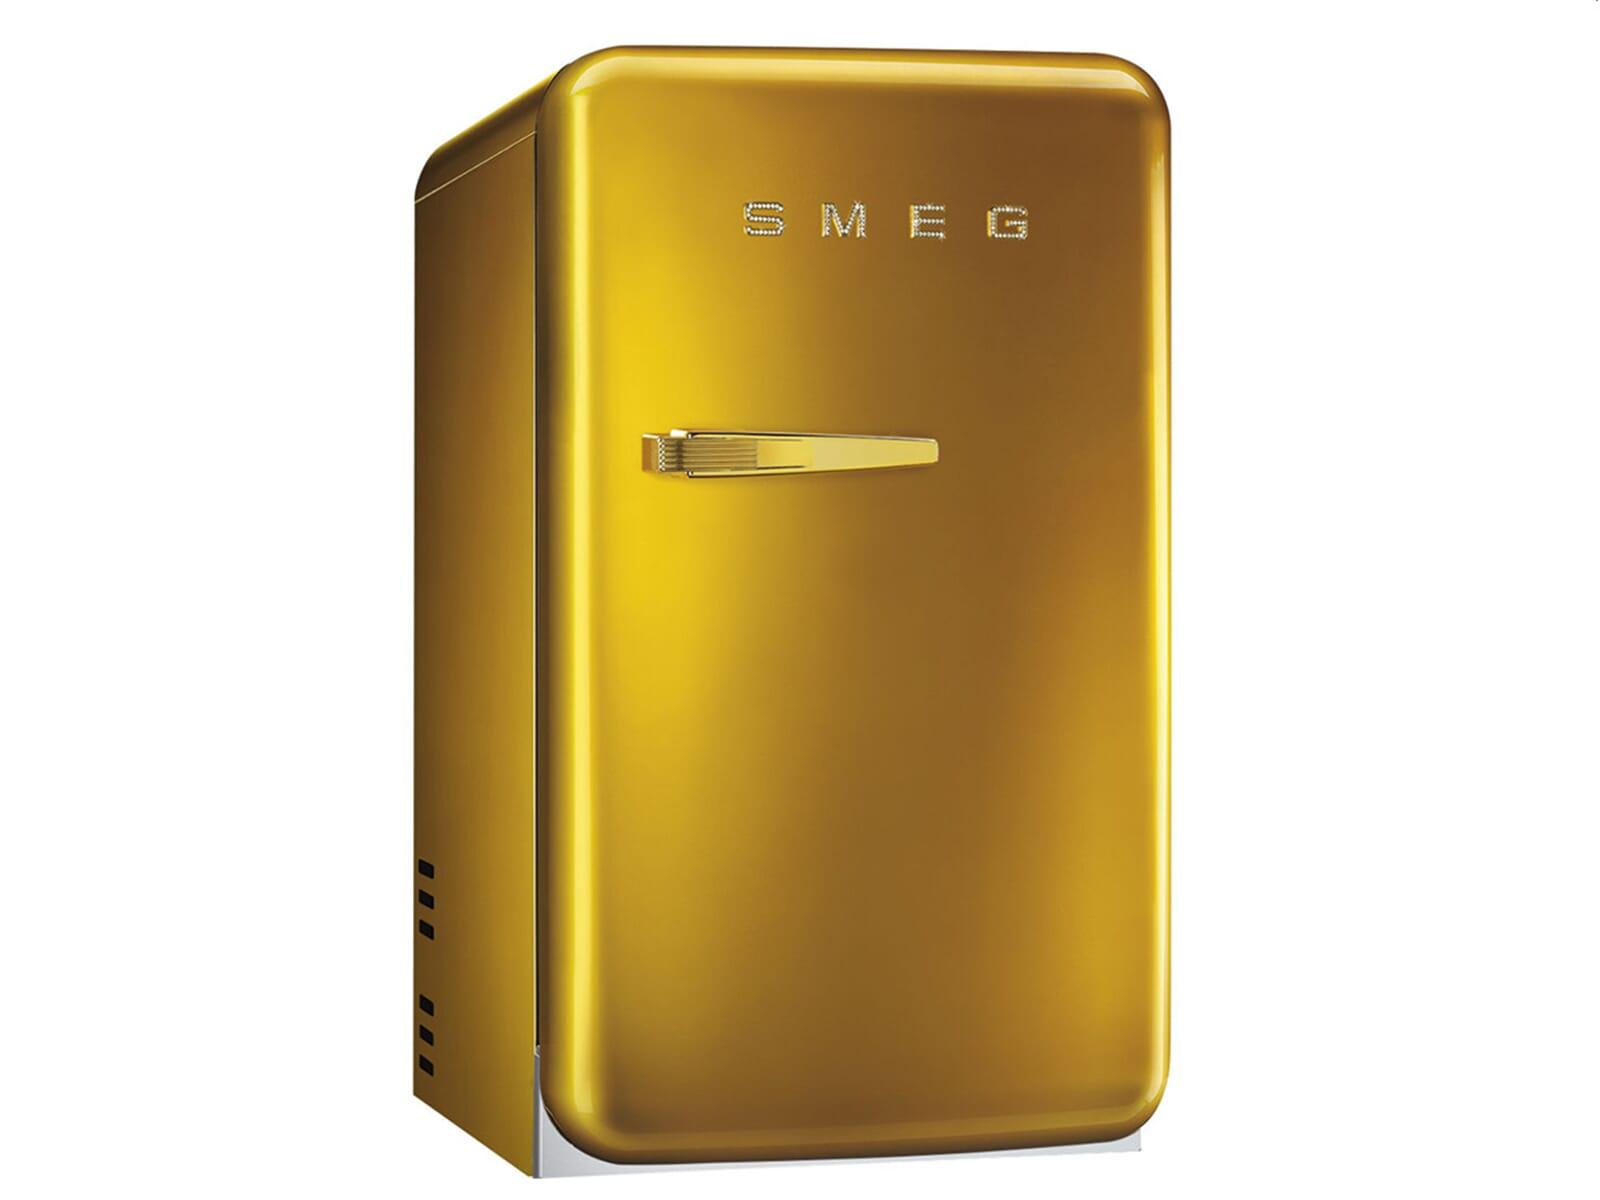 Smeg Kühlschrank Bewertung : Smeg fab rgo stand flaschenkühlschrank gold swarowski